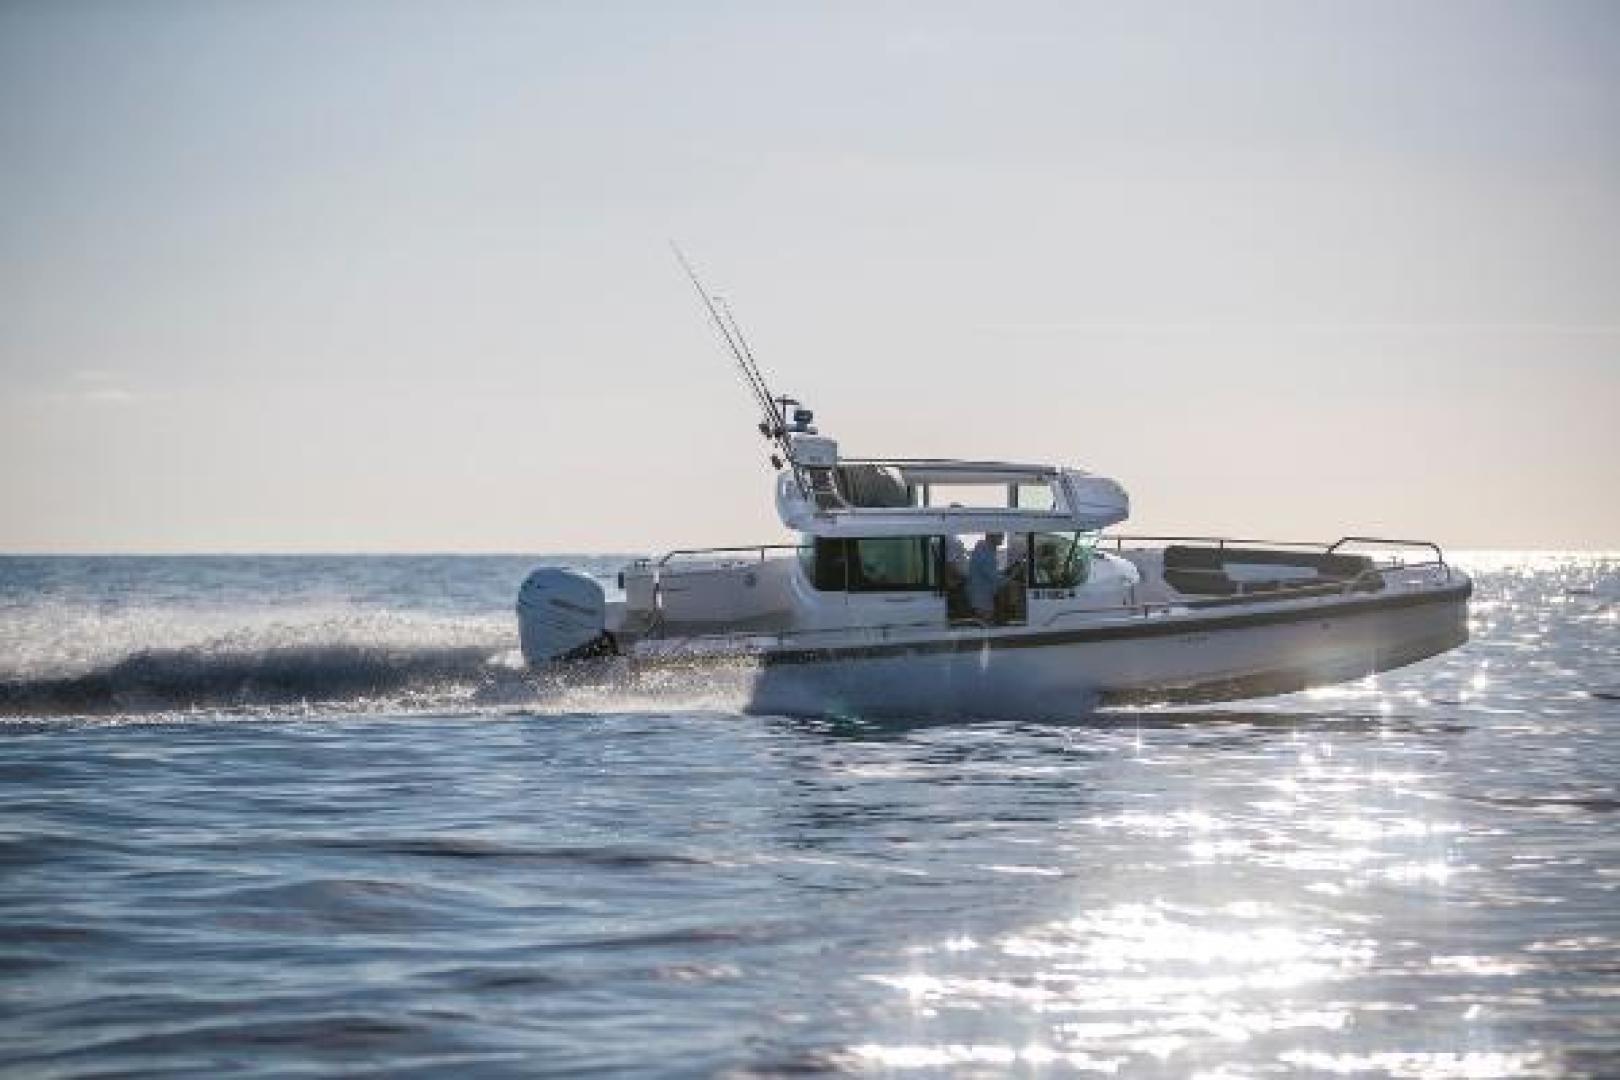 Axopar-28 CABIN 2020-Axopar 28 CABIN Palm Beach-Florida-United States-1531449 | Thumbnail